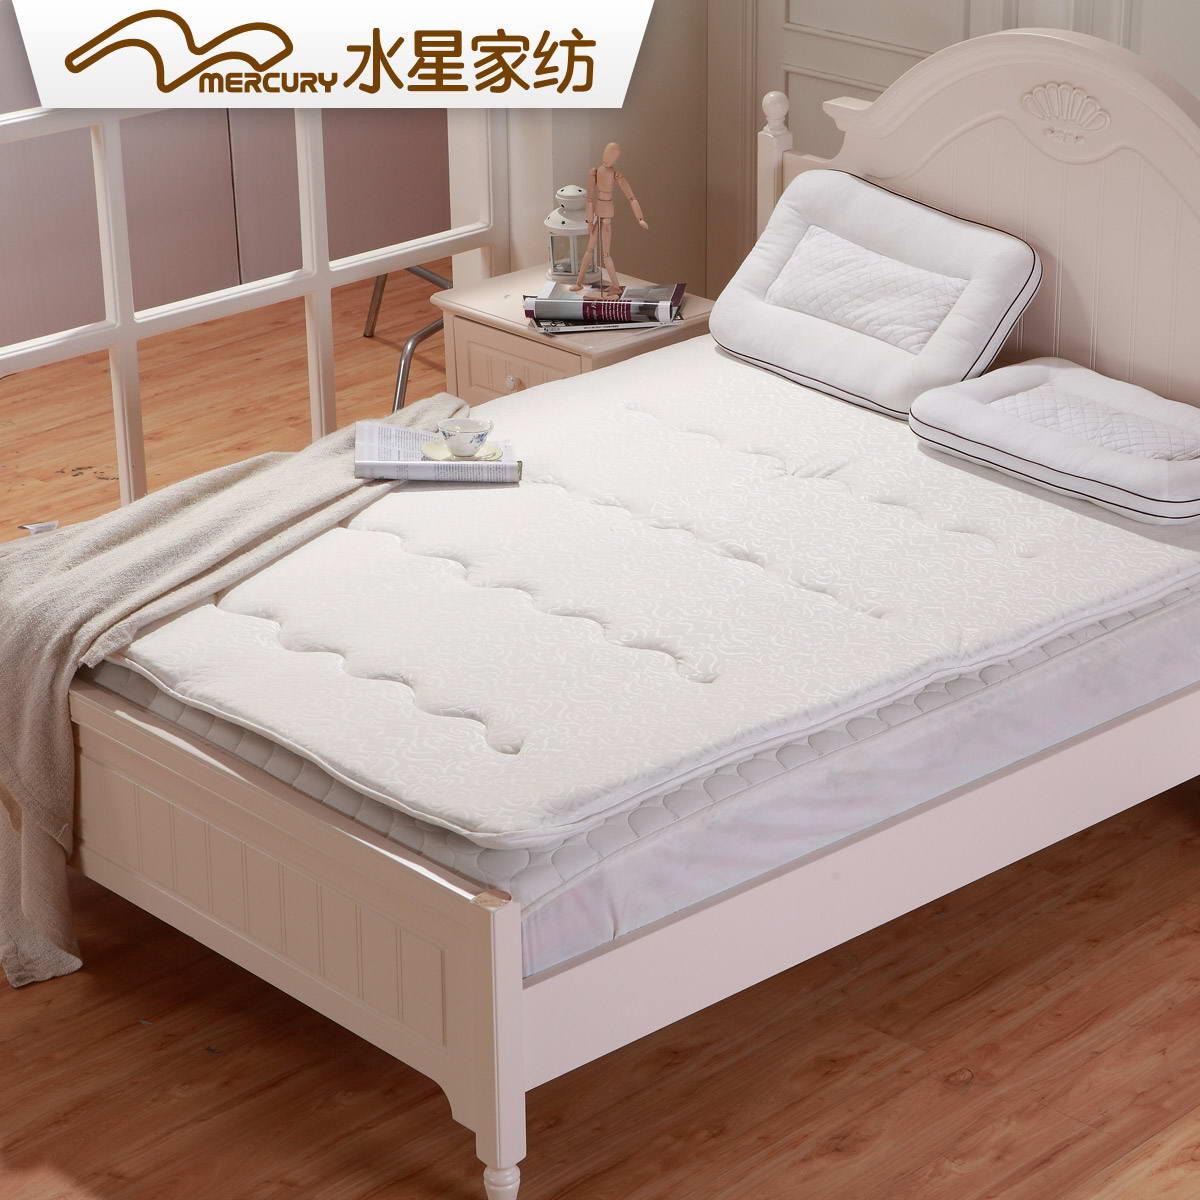 水星家纺负离子蚕丝床垫106732